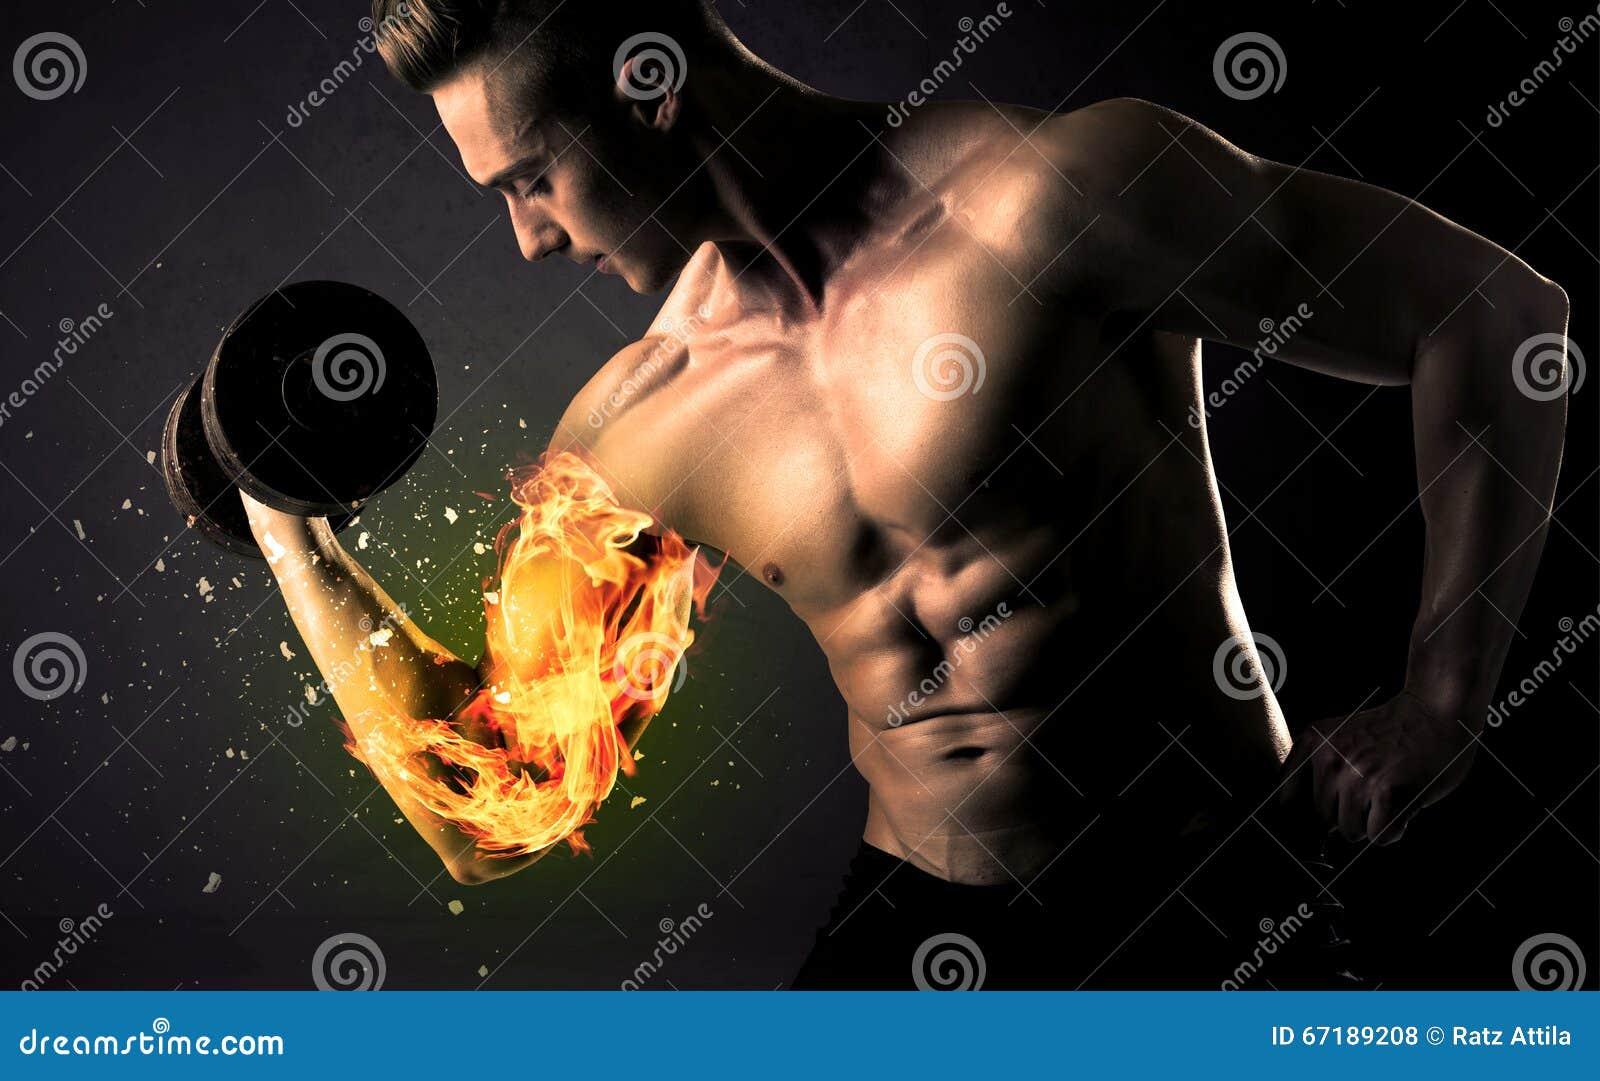 Kroppsbyggareidrottsman nenexploderar lyftande vikt med brand armbegrepp